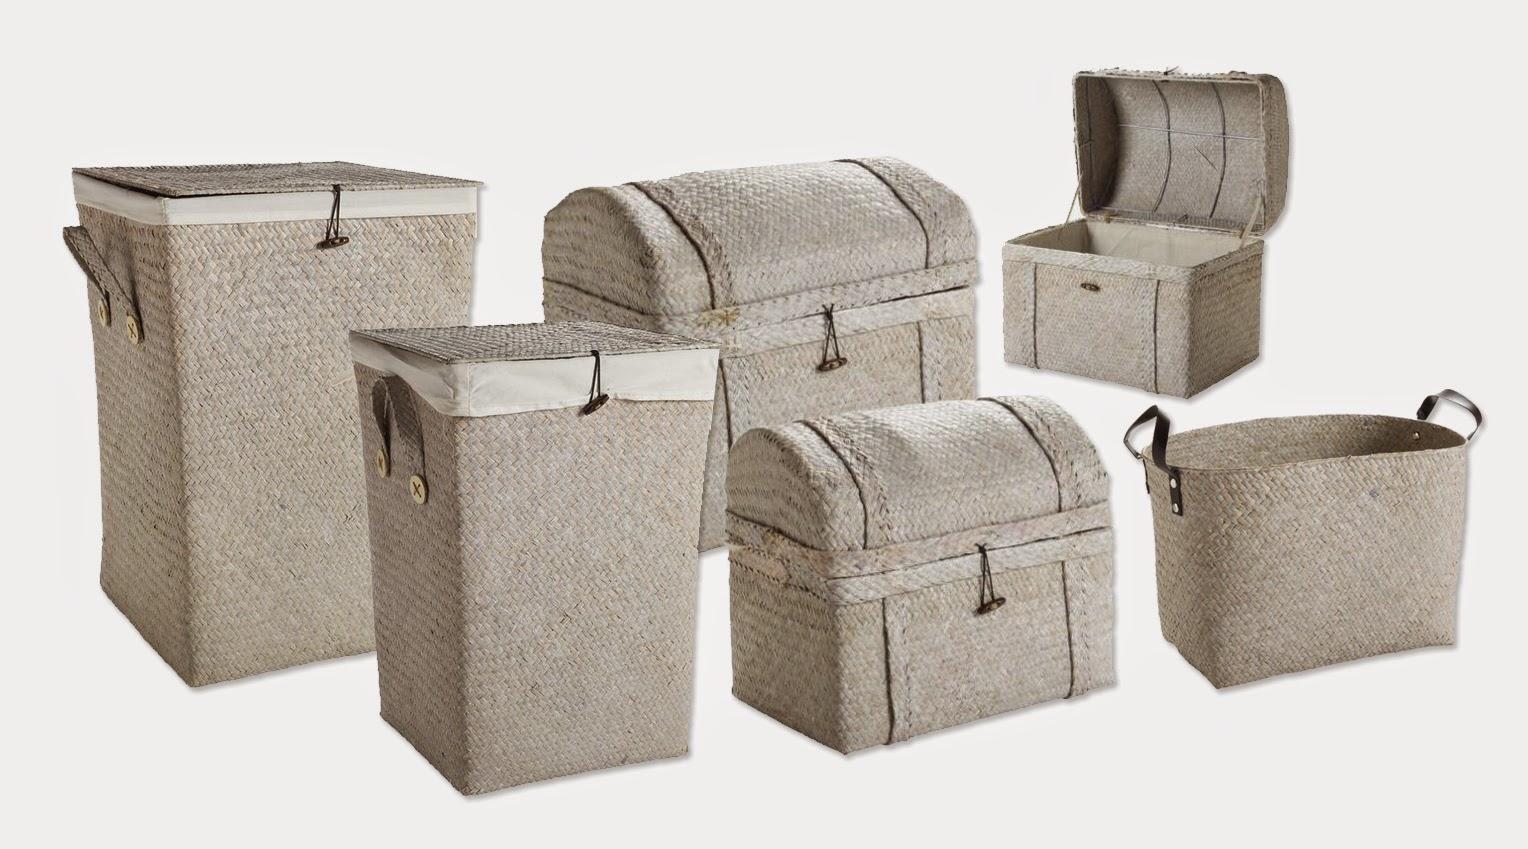 Cosas de casa decorar con cestos de mimbre for Cosas de casa online